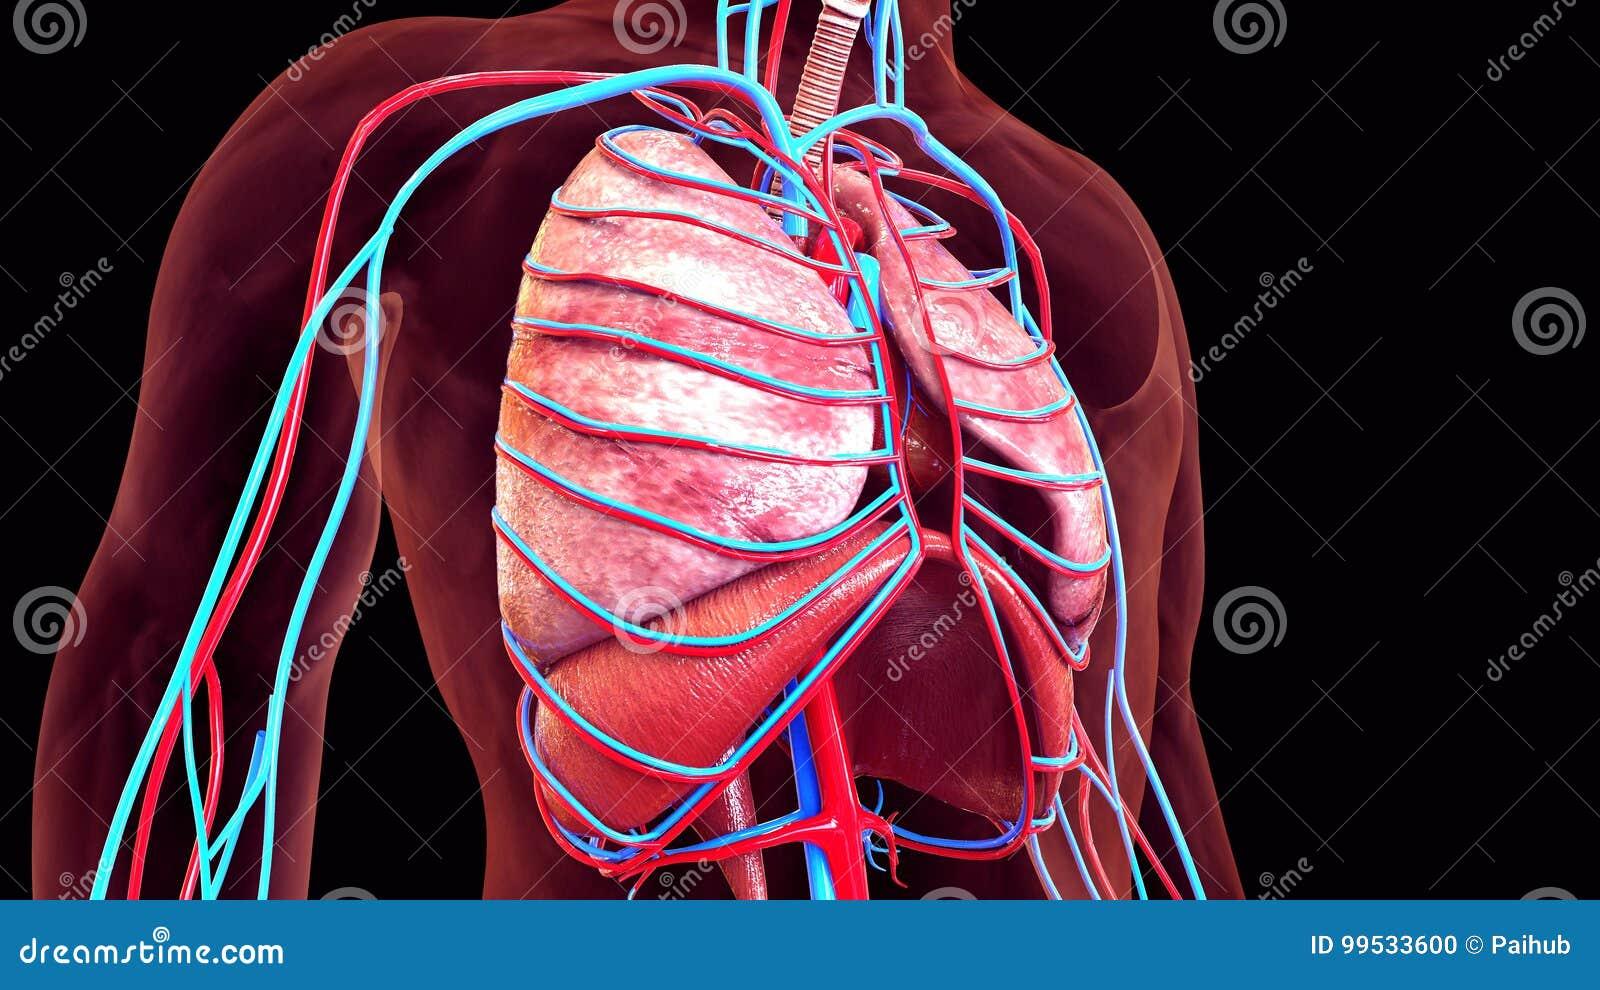 3d Illustration Of Human Body Organs Stock Illustration